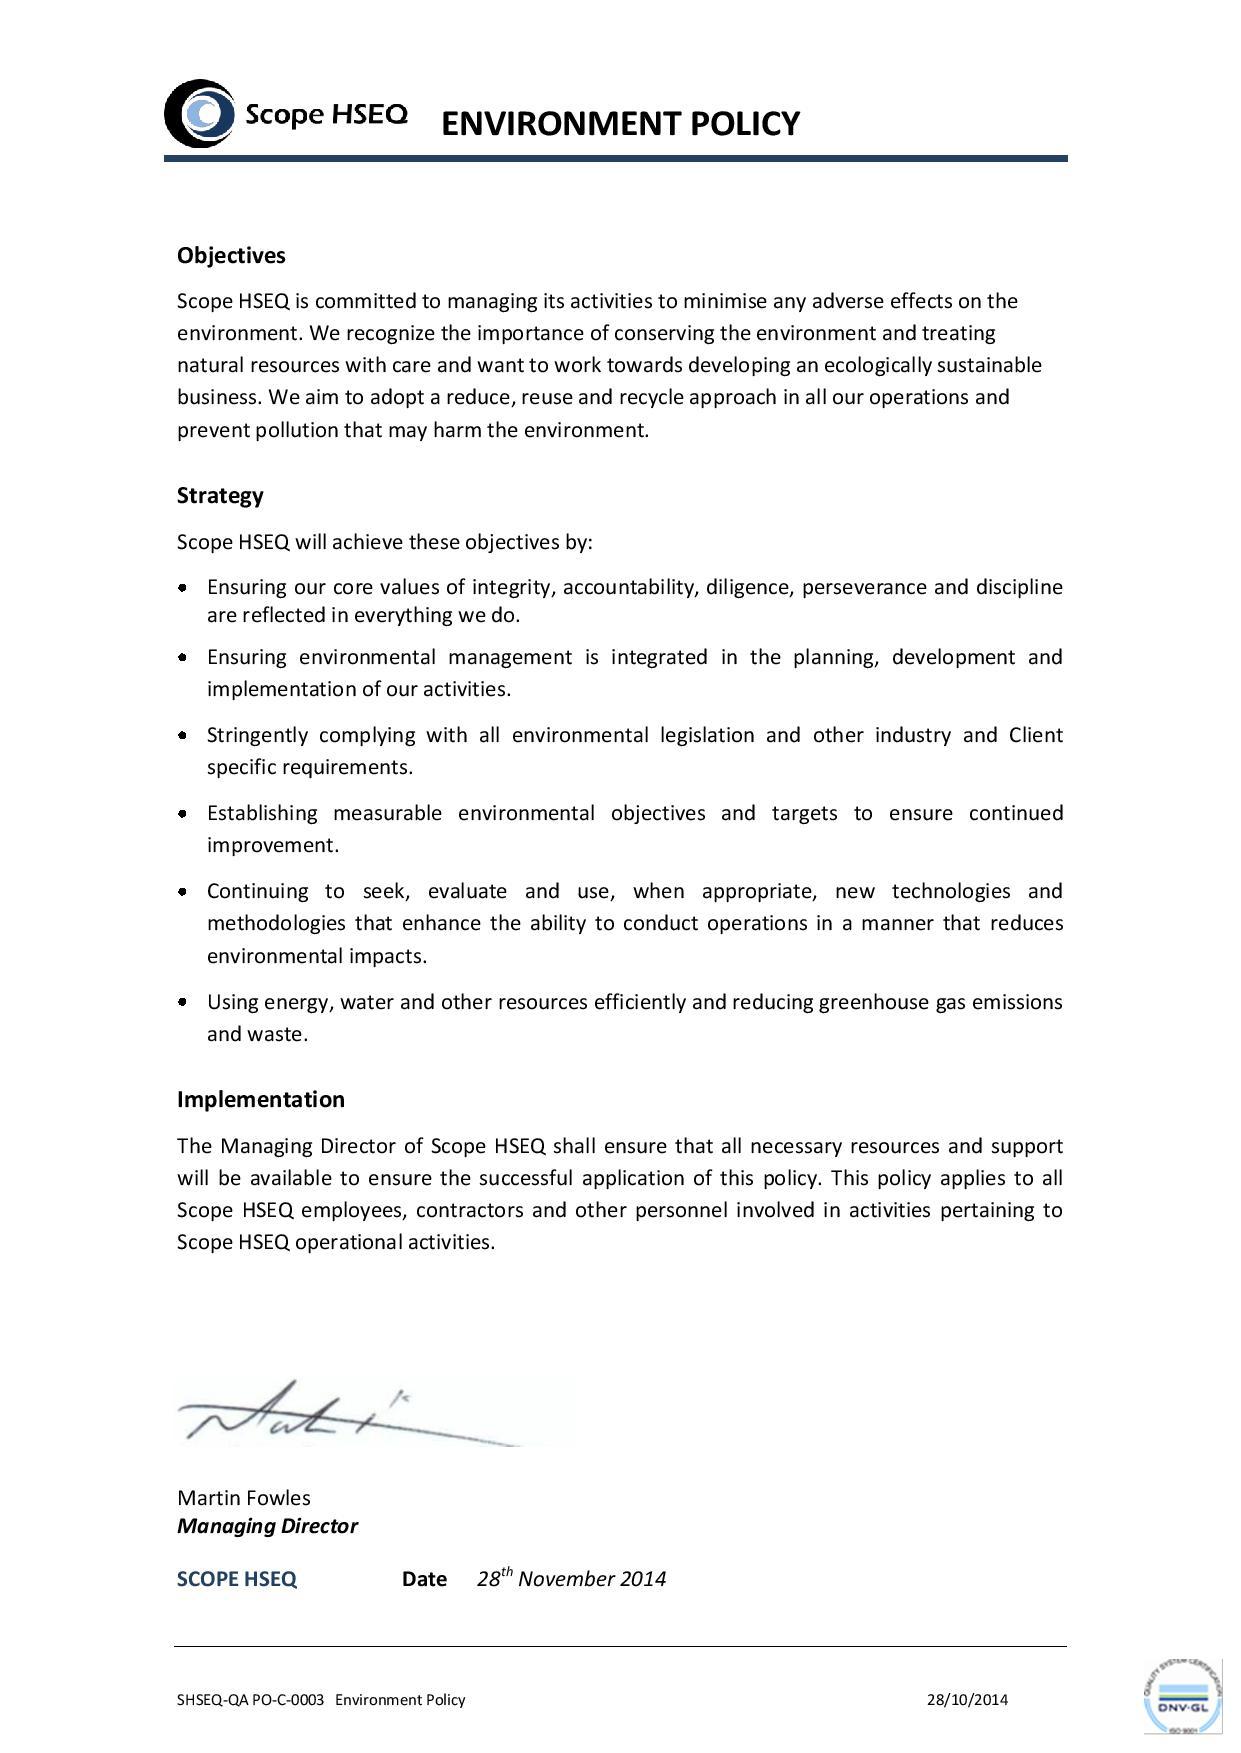 shseq-qa-po-c-0003-0-environment-policy-page-001.jpg